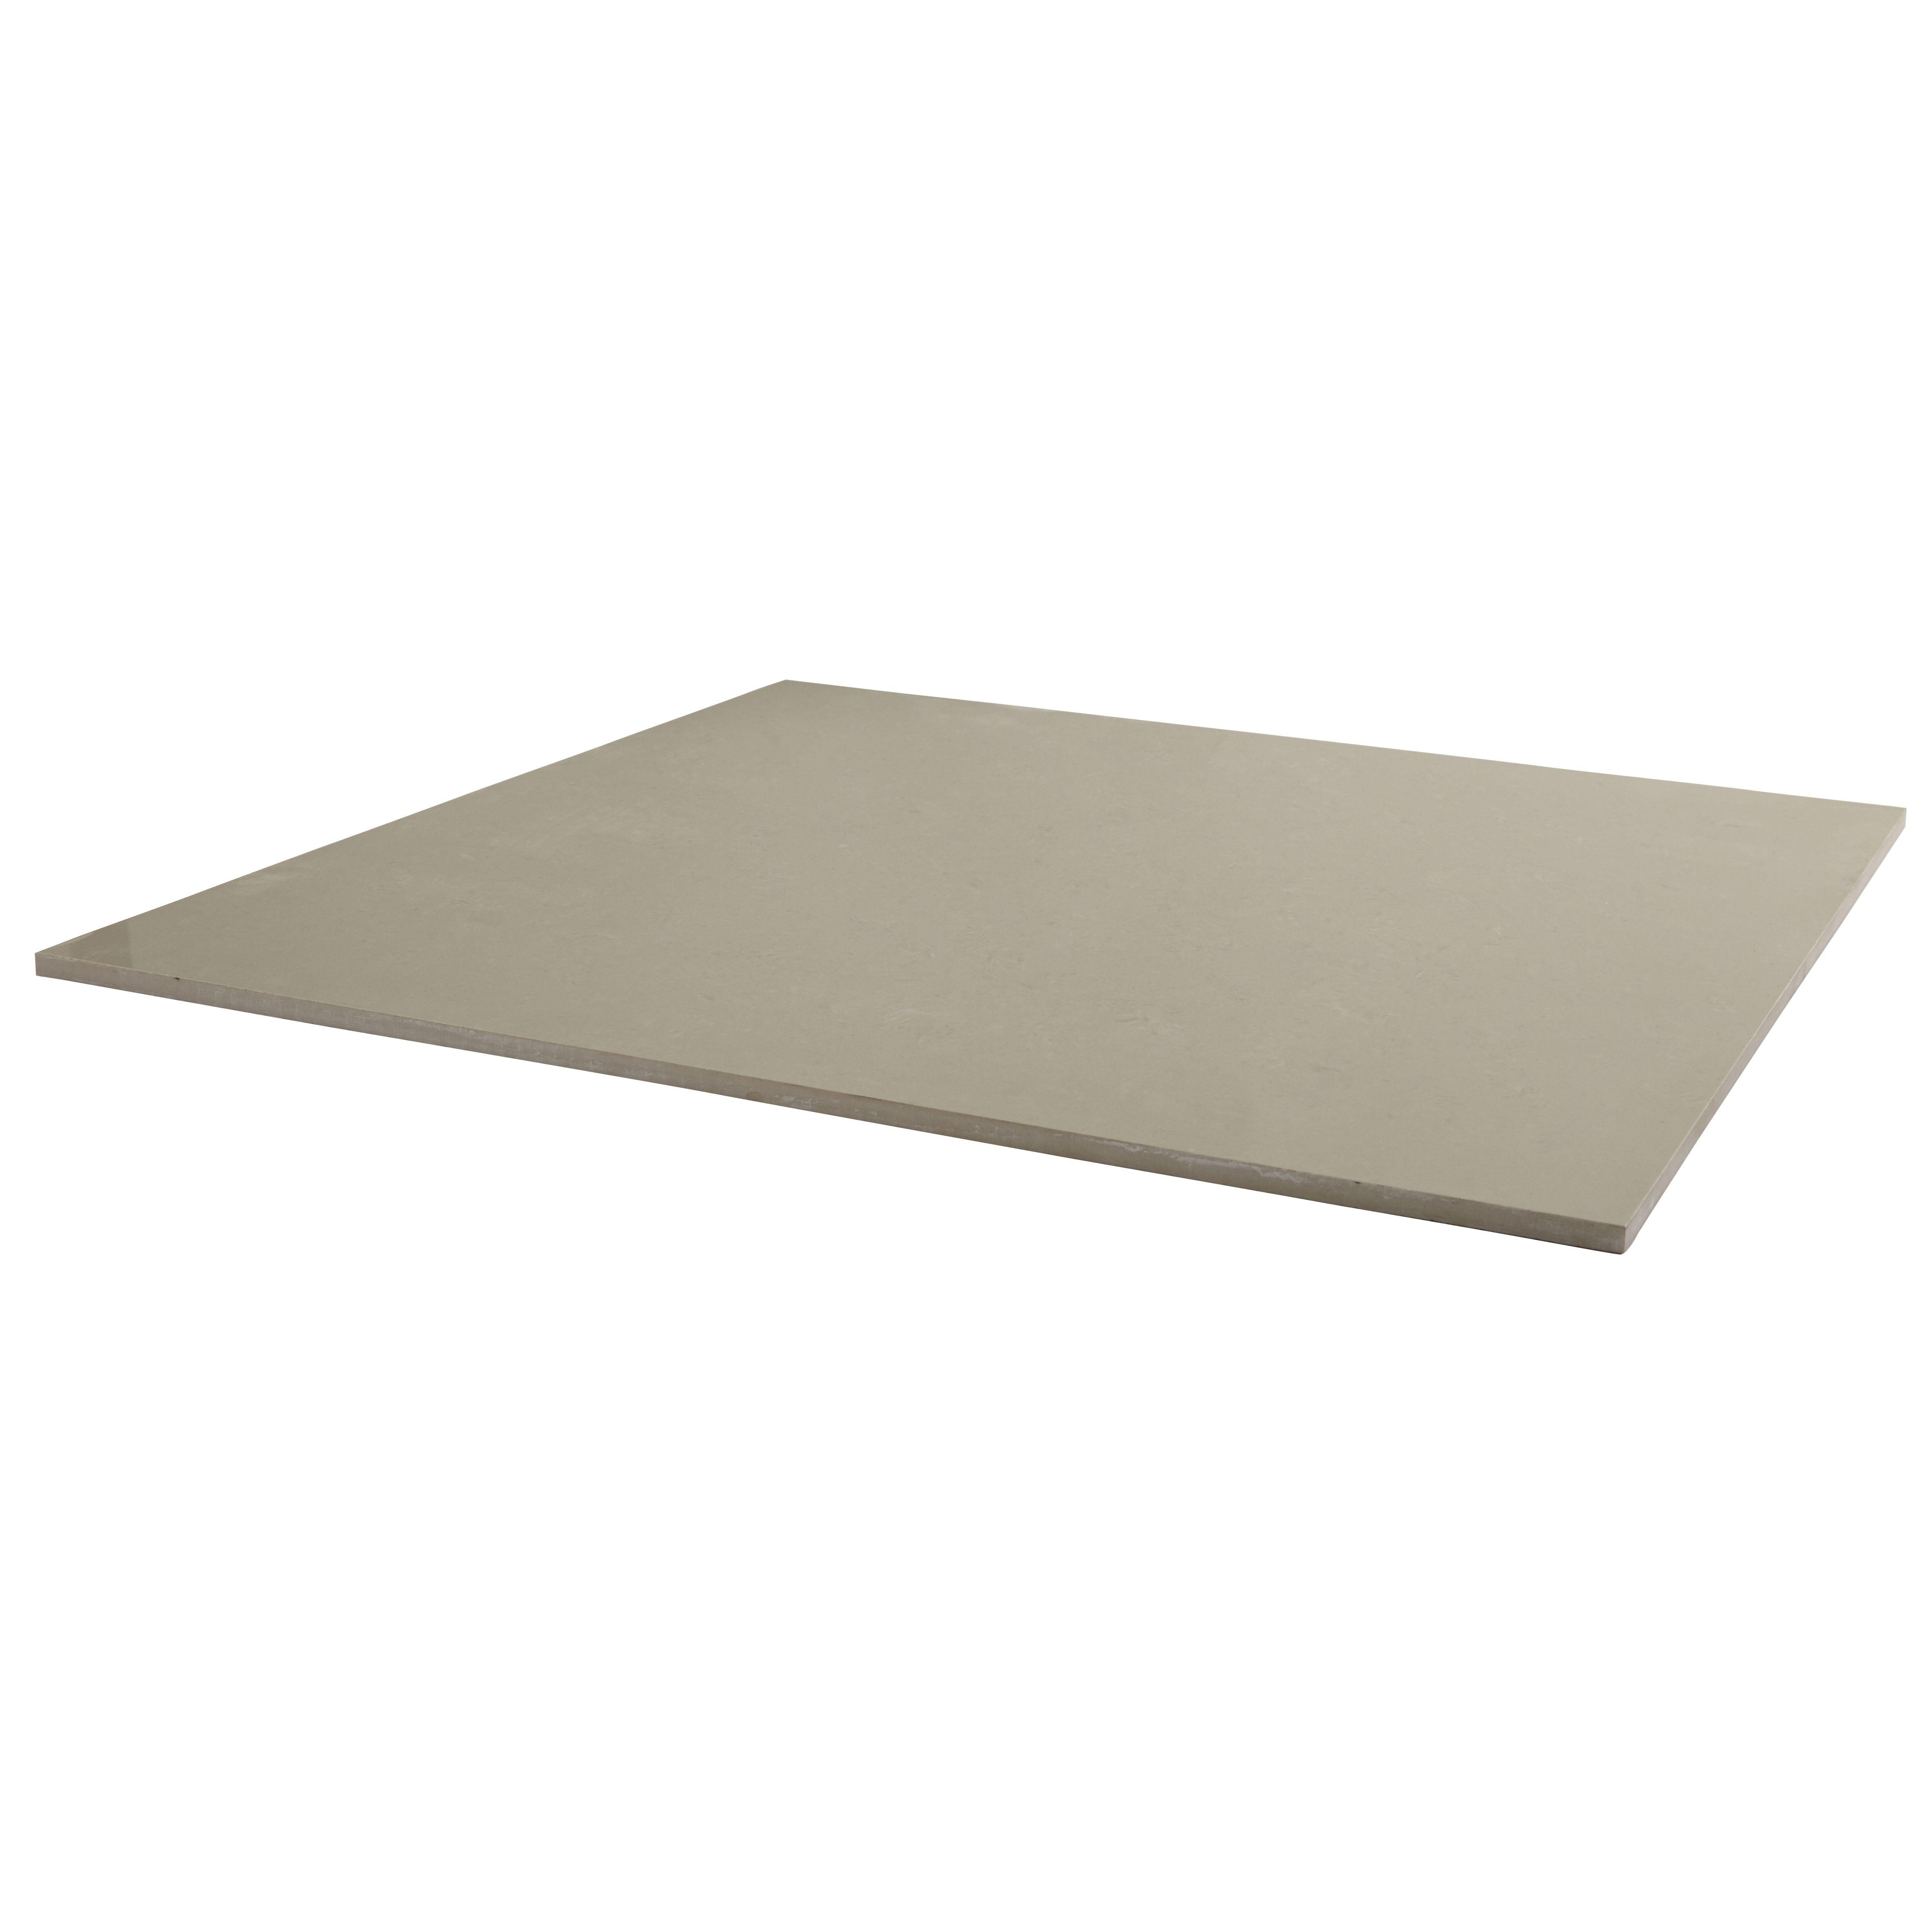 Imperiali Beige Polished Porcelain Floor Tile, Pack Of 3, (l)600mm (w)600mm